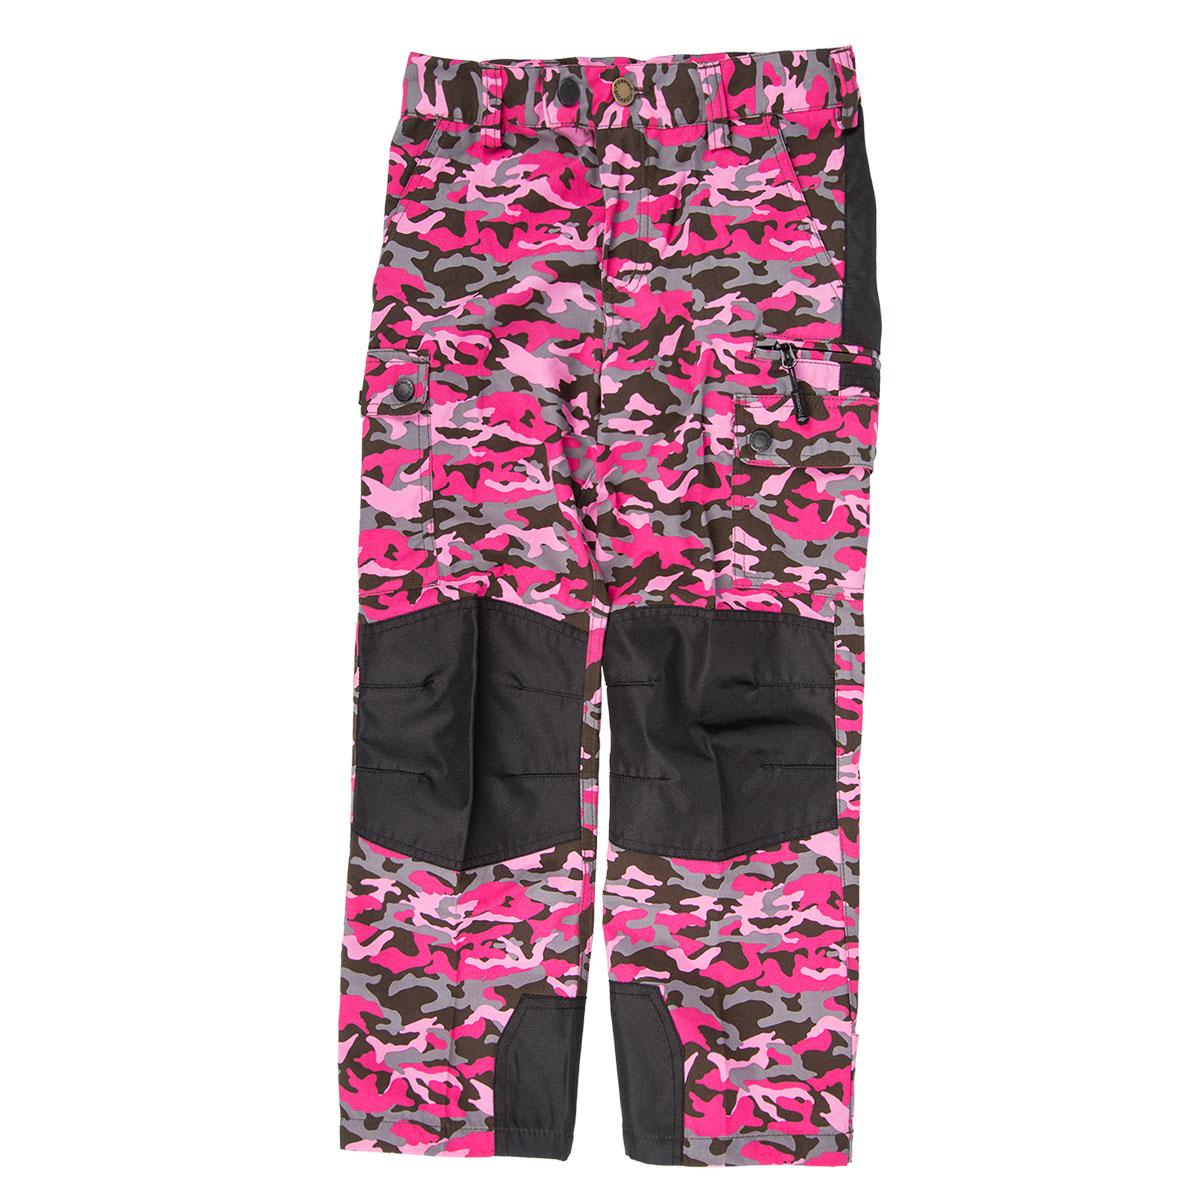 Pinewood Kinder Hose Lappland Camou Hot Pink Jungle/Schwarz im Pareyshop